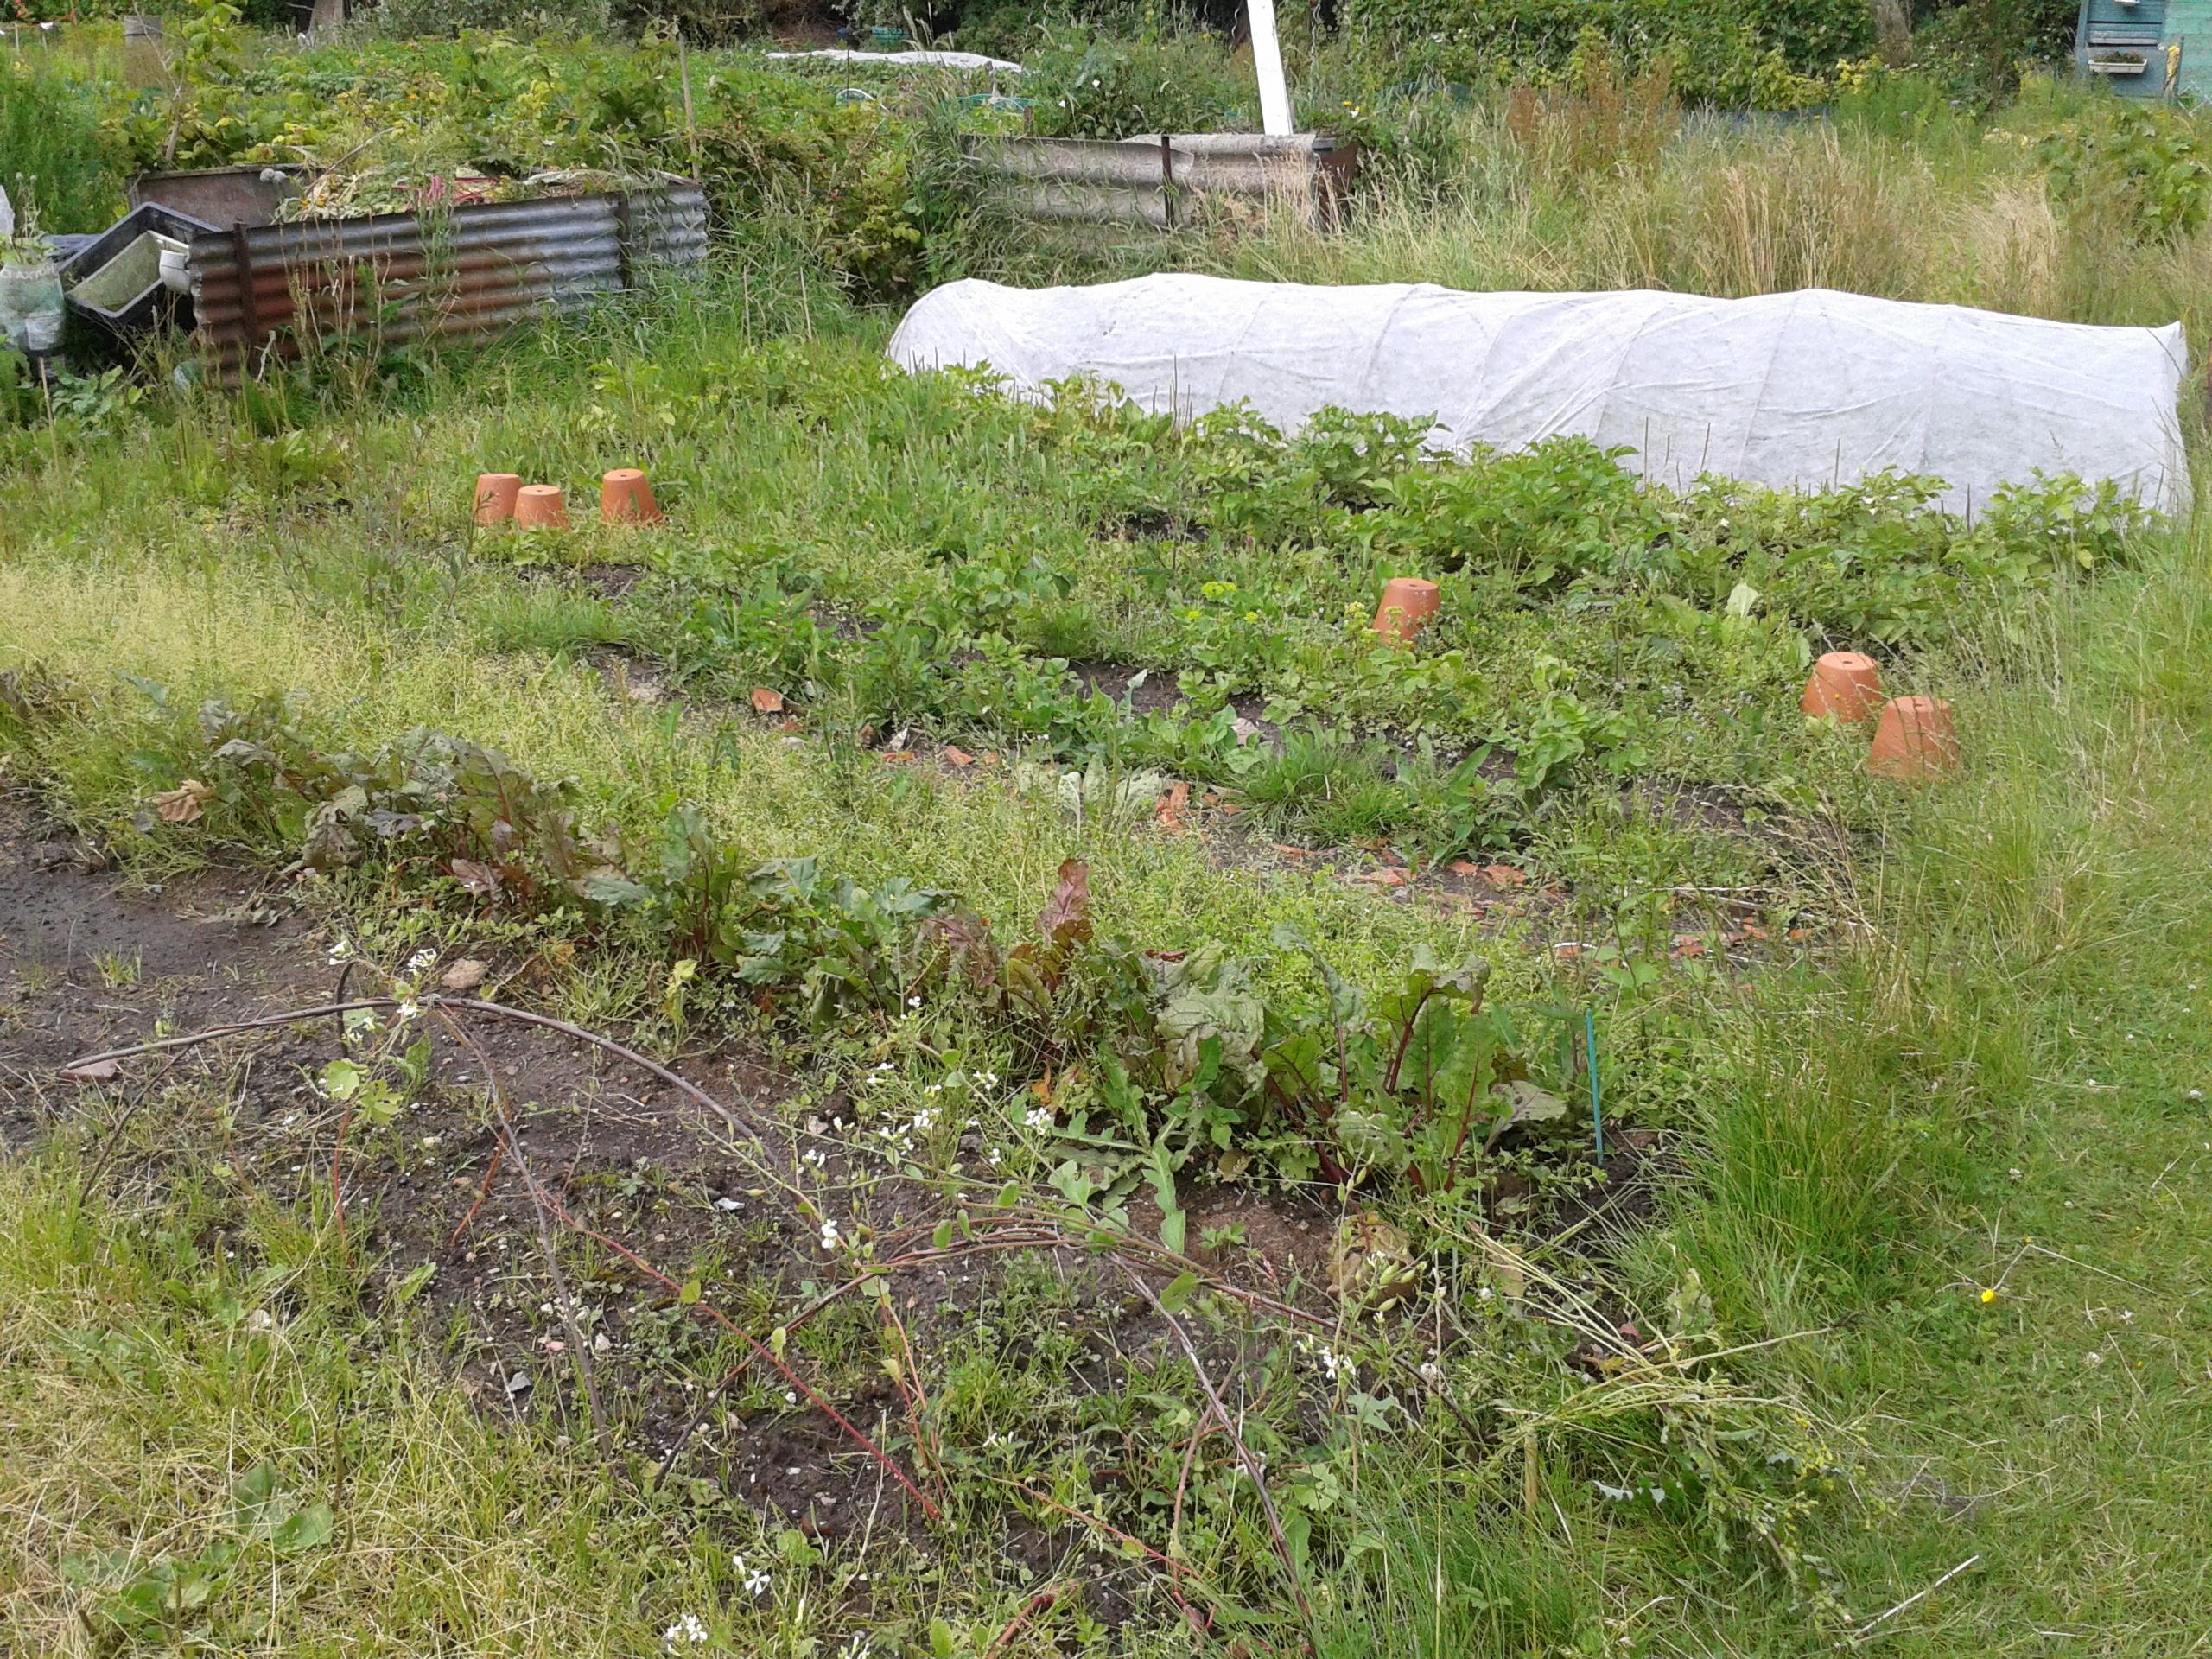 Jardin ouvrier le nid hibou for Jardin ouvrier